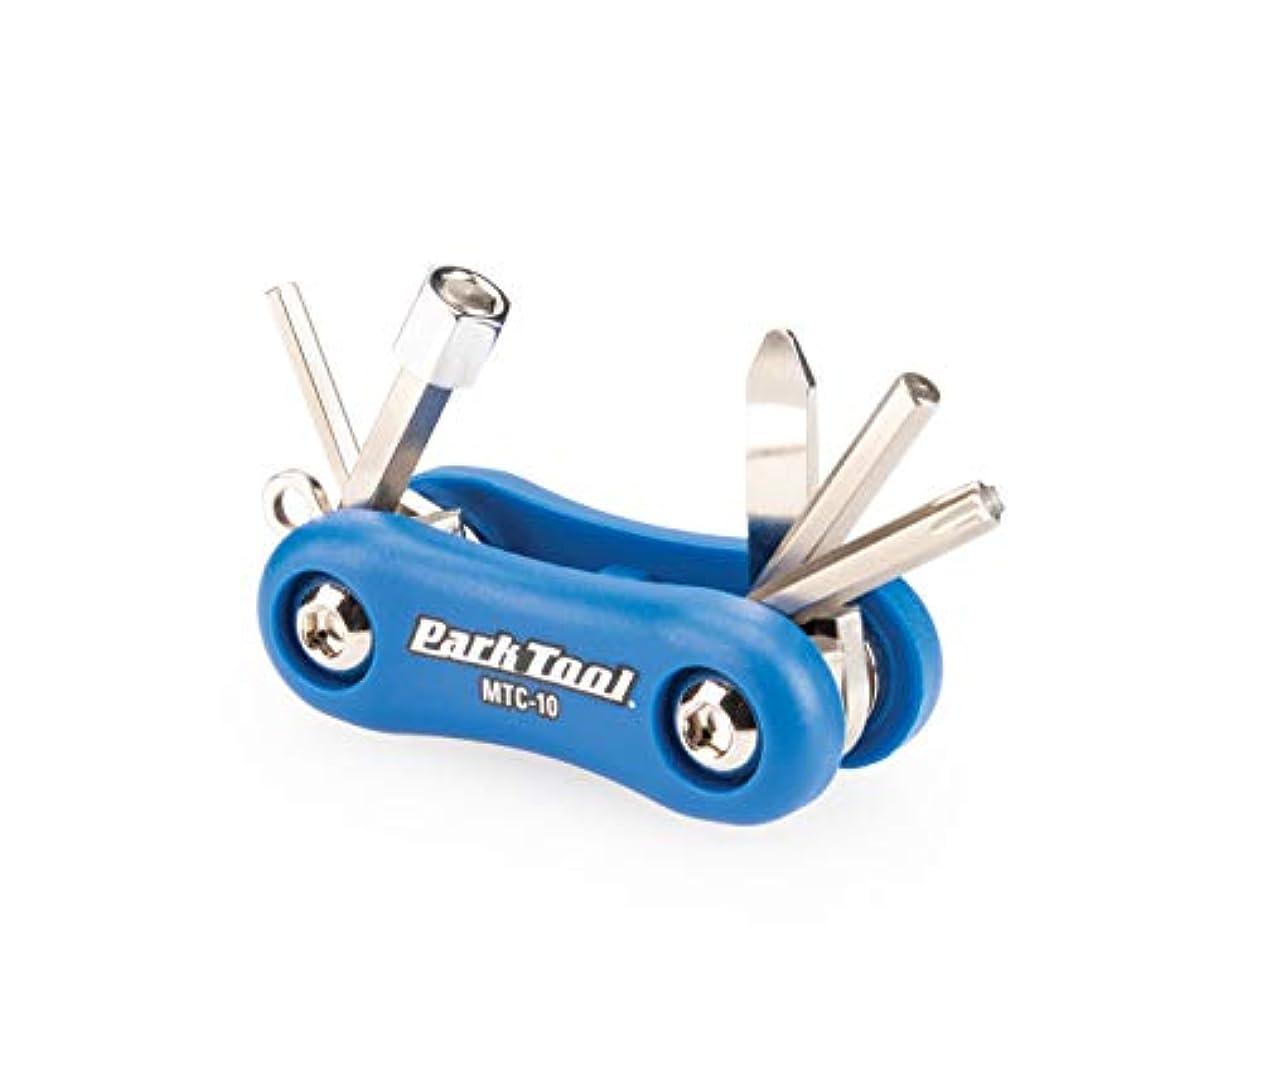 ドループ曖昧な経済的PARKTOOL(パークツール) マルチツール サイズ:六角3/4/5/8mm T25 +/-コンボドライバー MTC-10